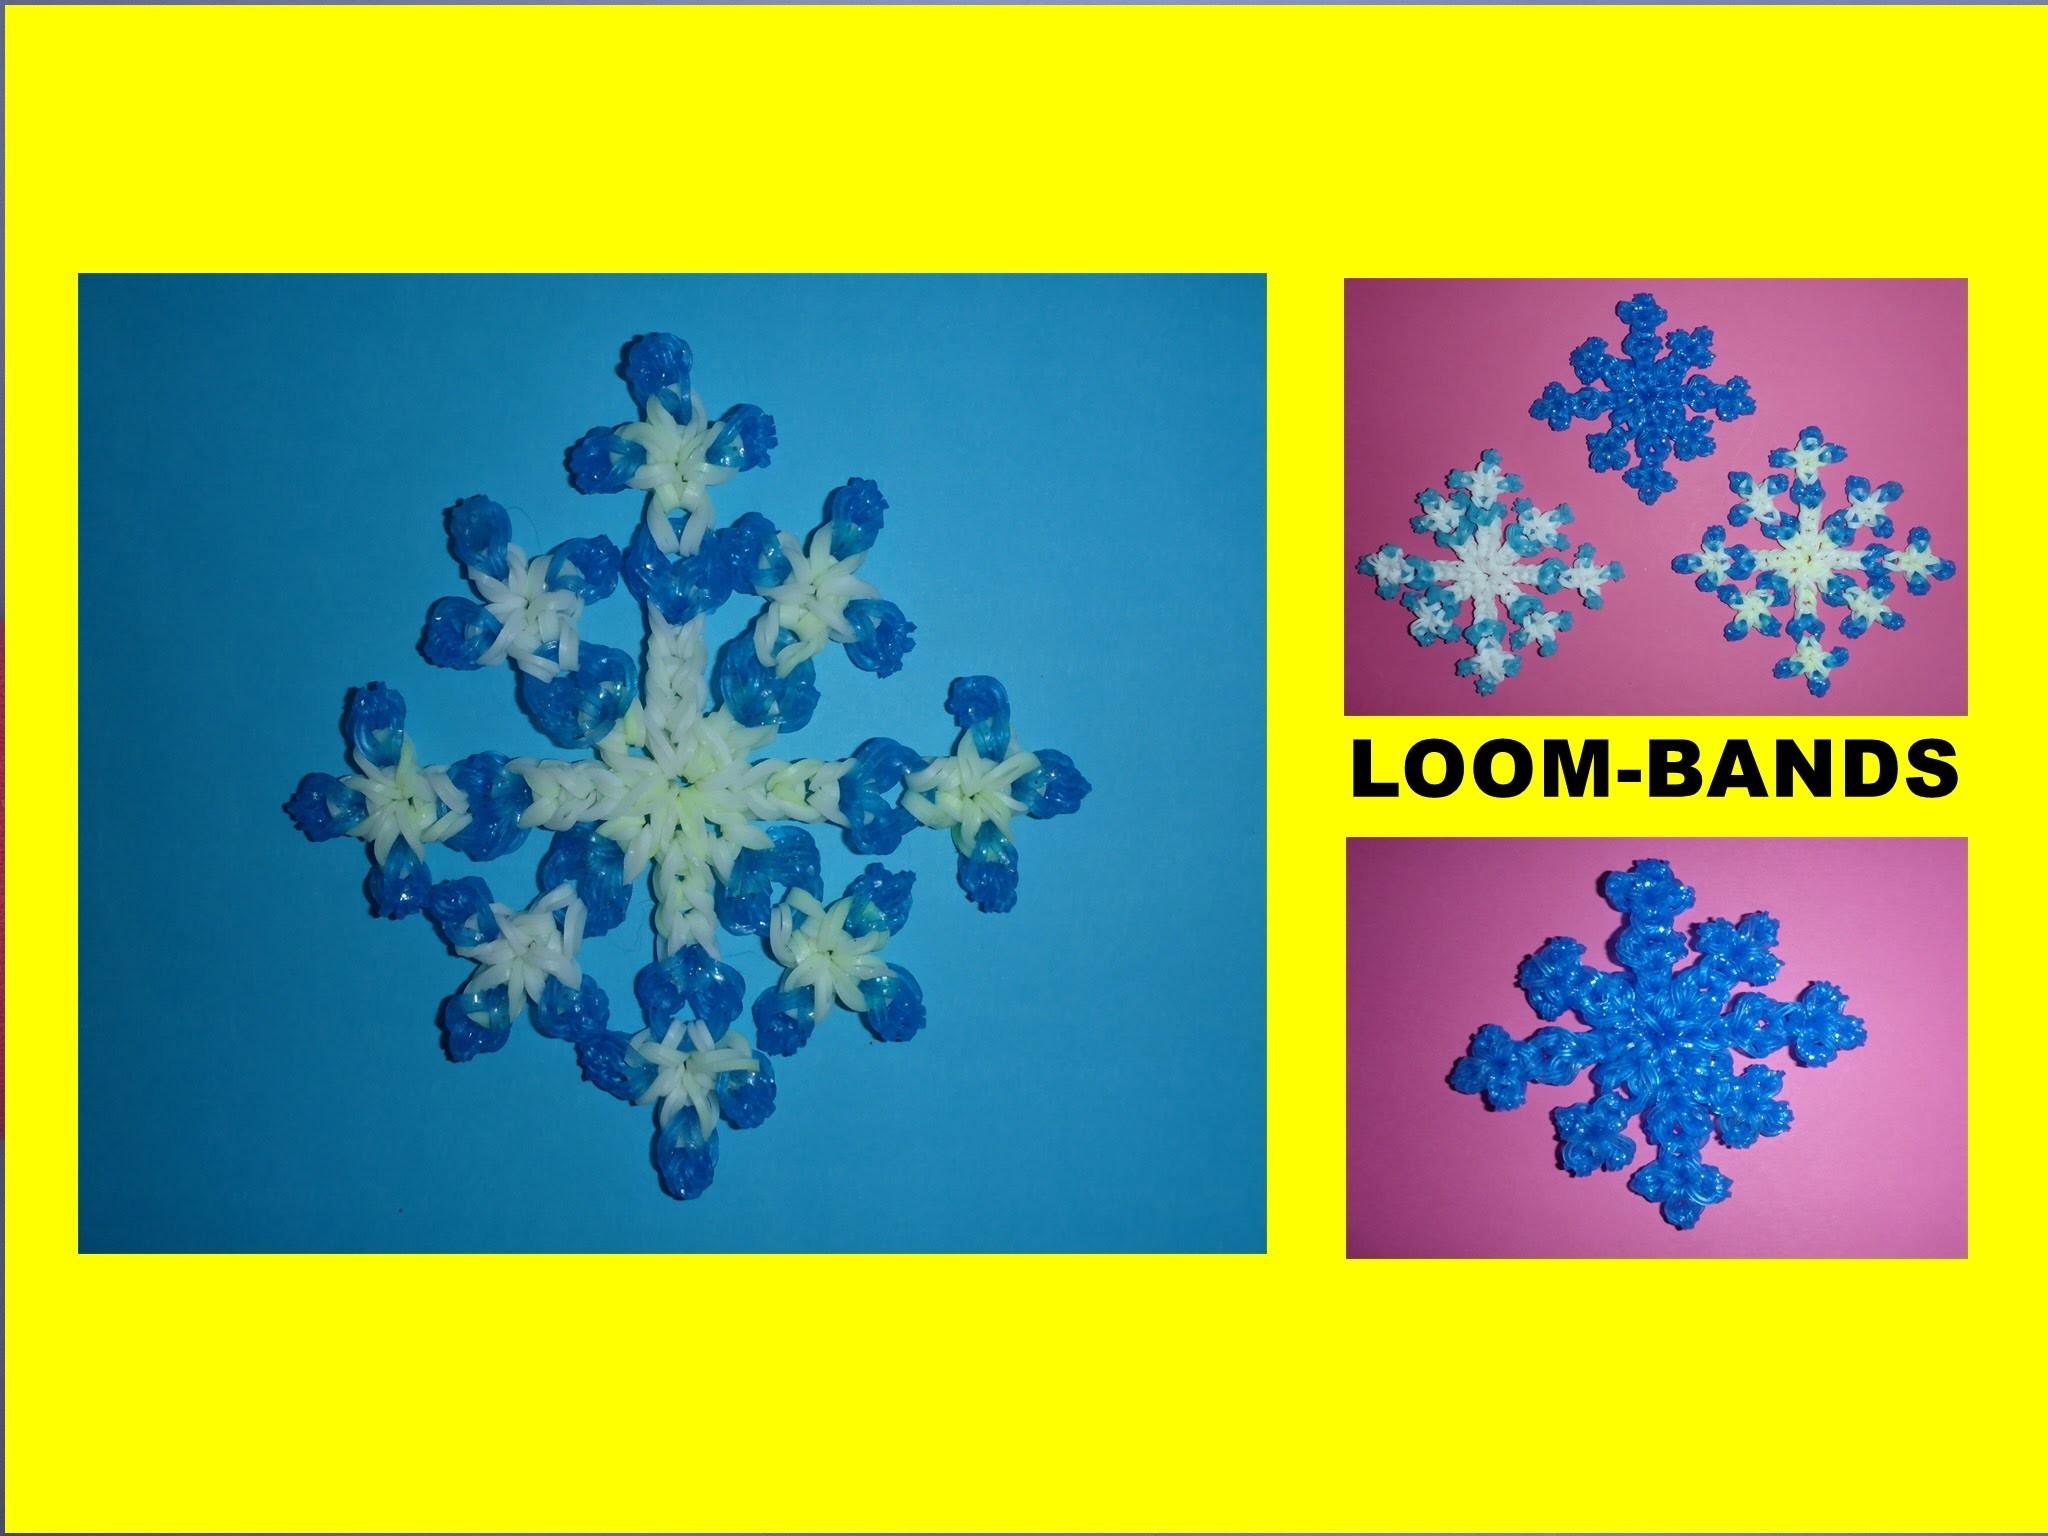 DIY Loom Bands Schneeflocke, Geschenk zu Weihnachten, christmas gift ideas snowflake